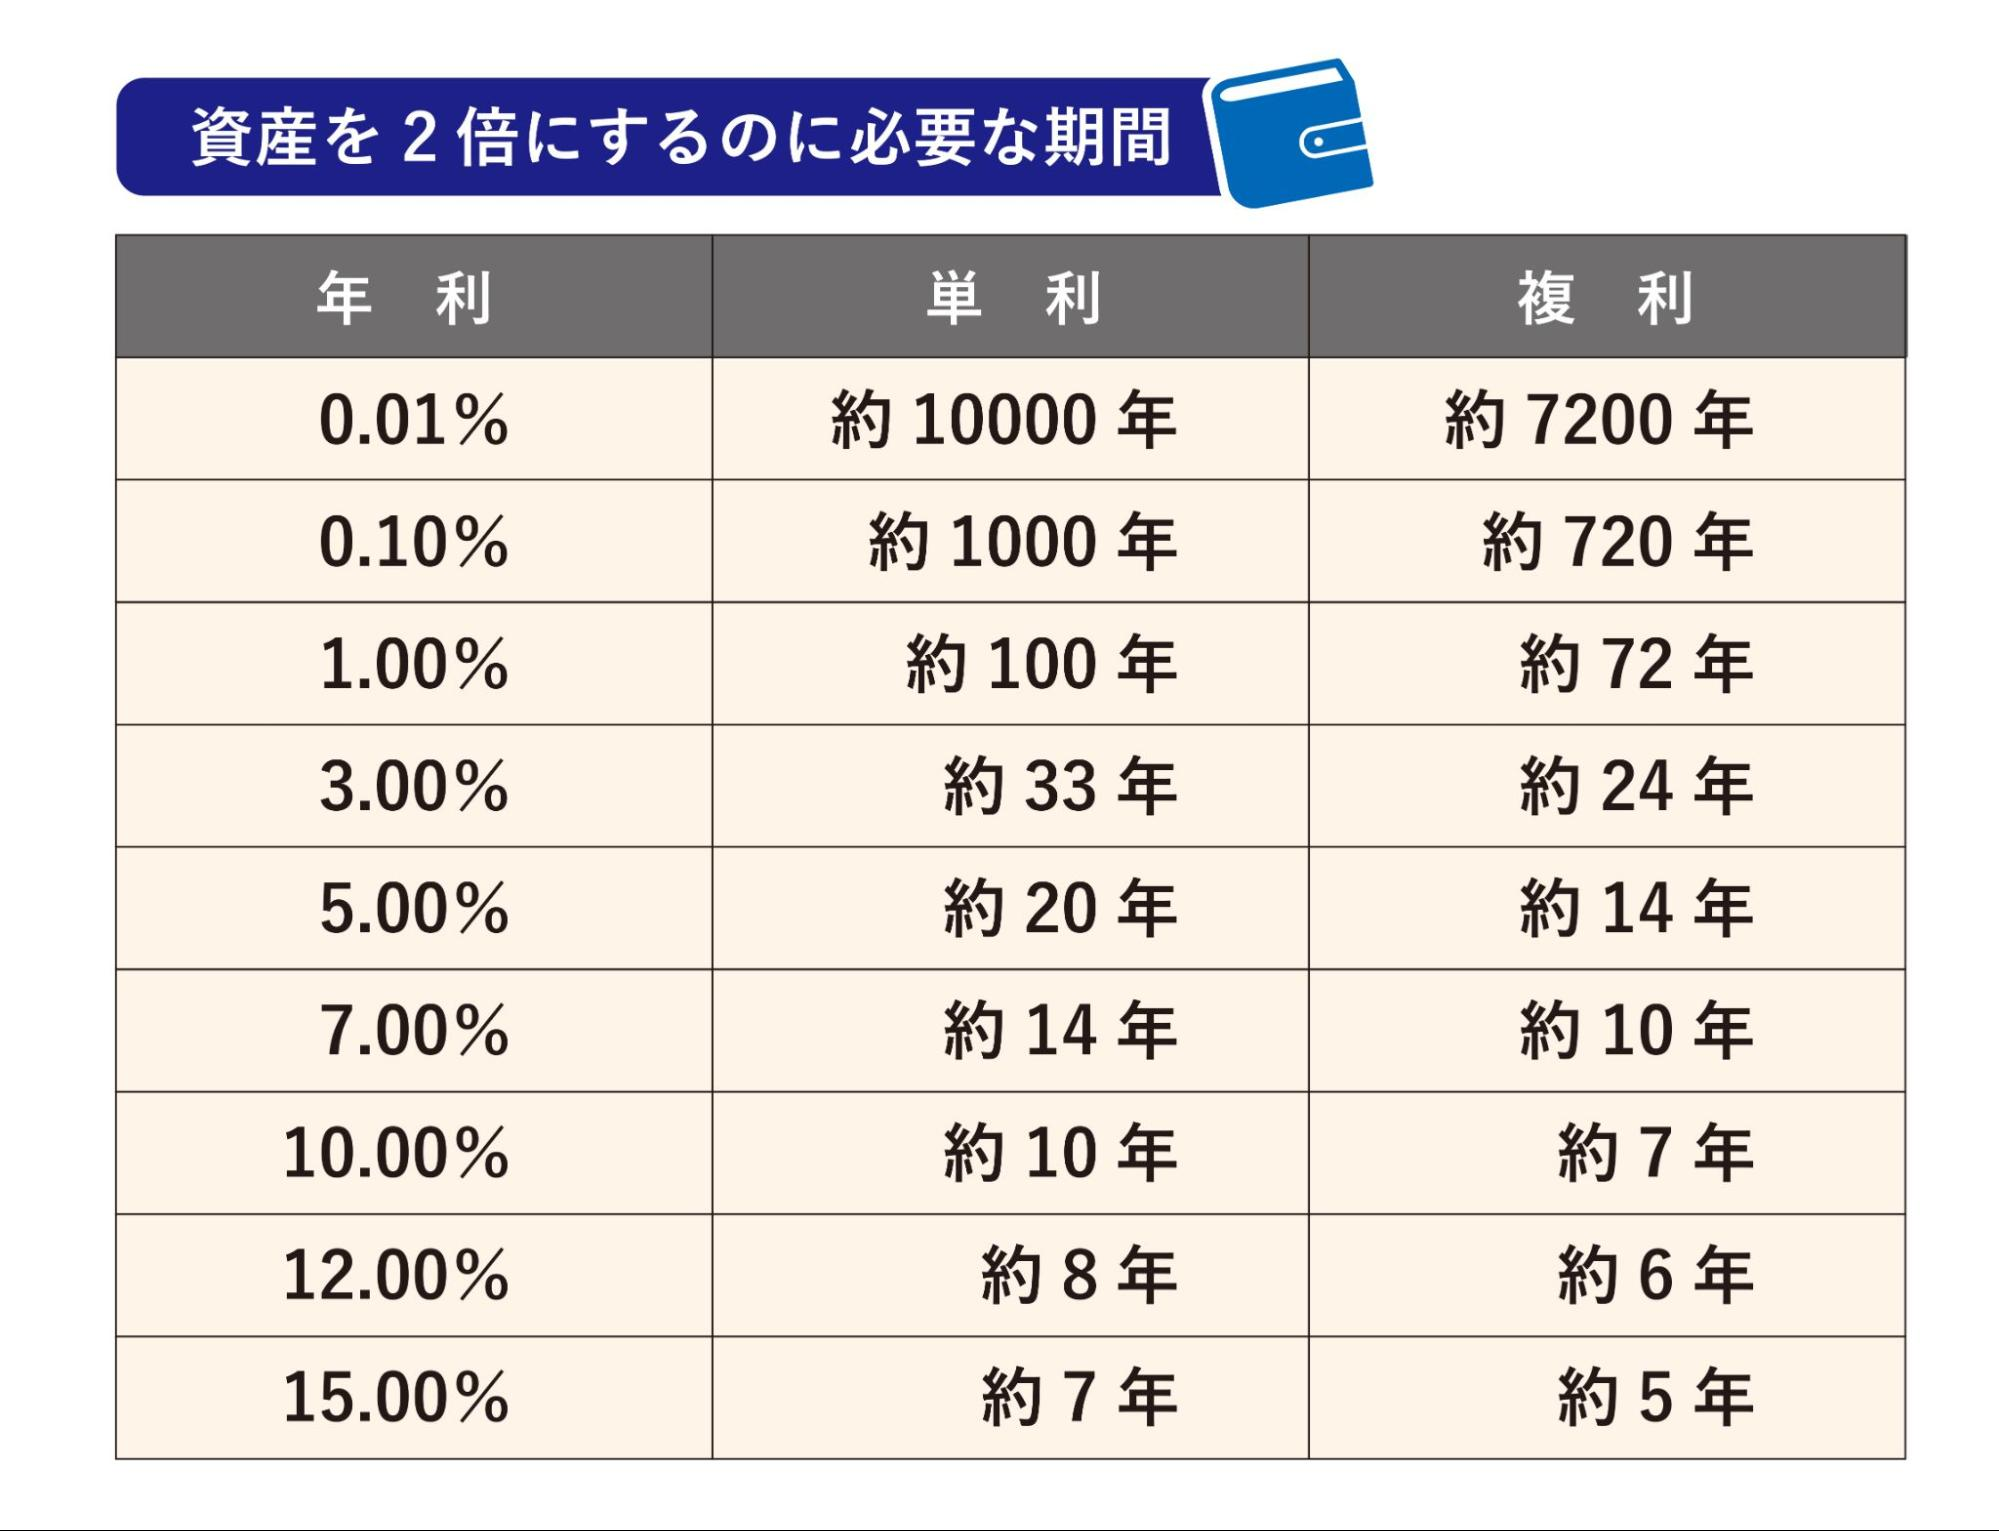 単利と複利で資産を2倍にするのに必要な期間の比較表